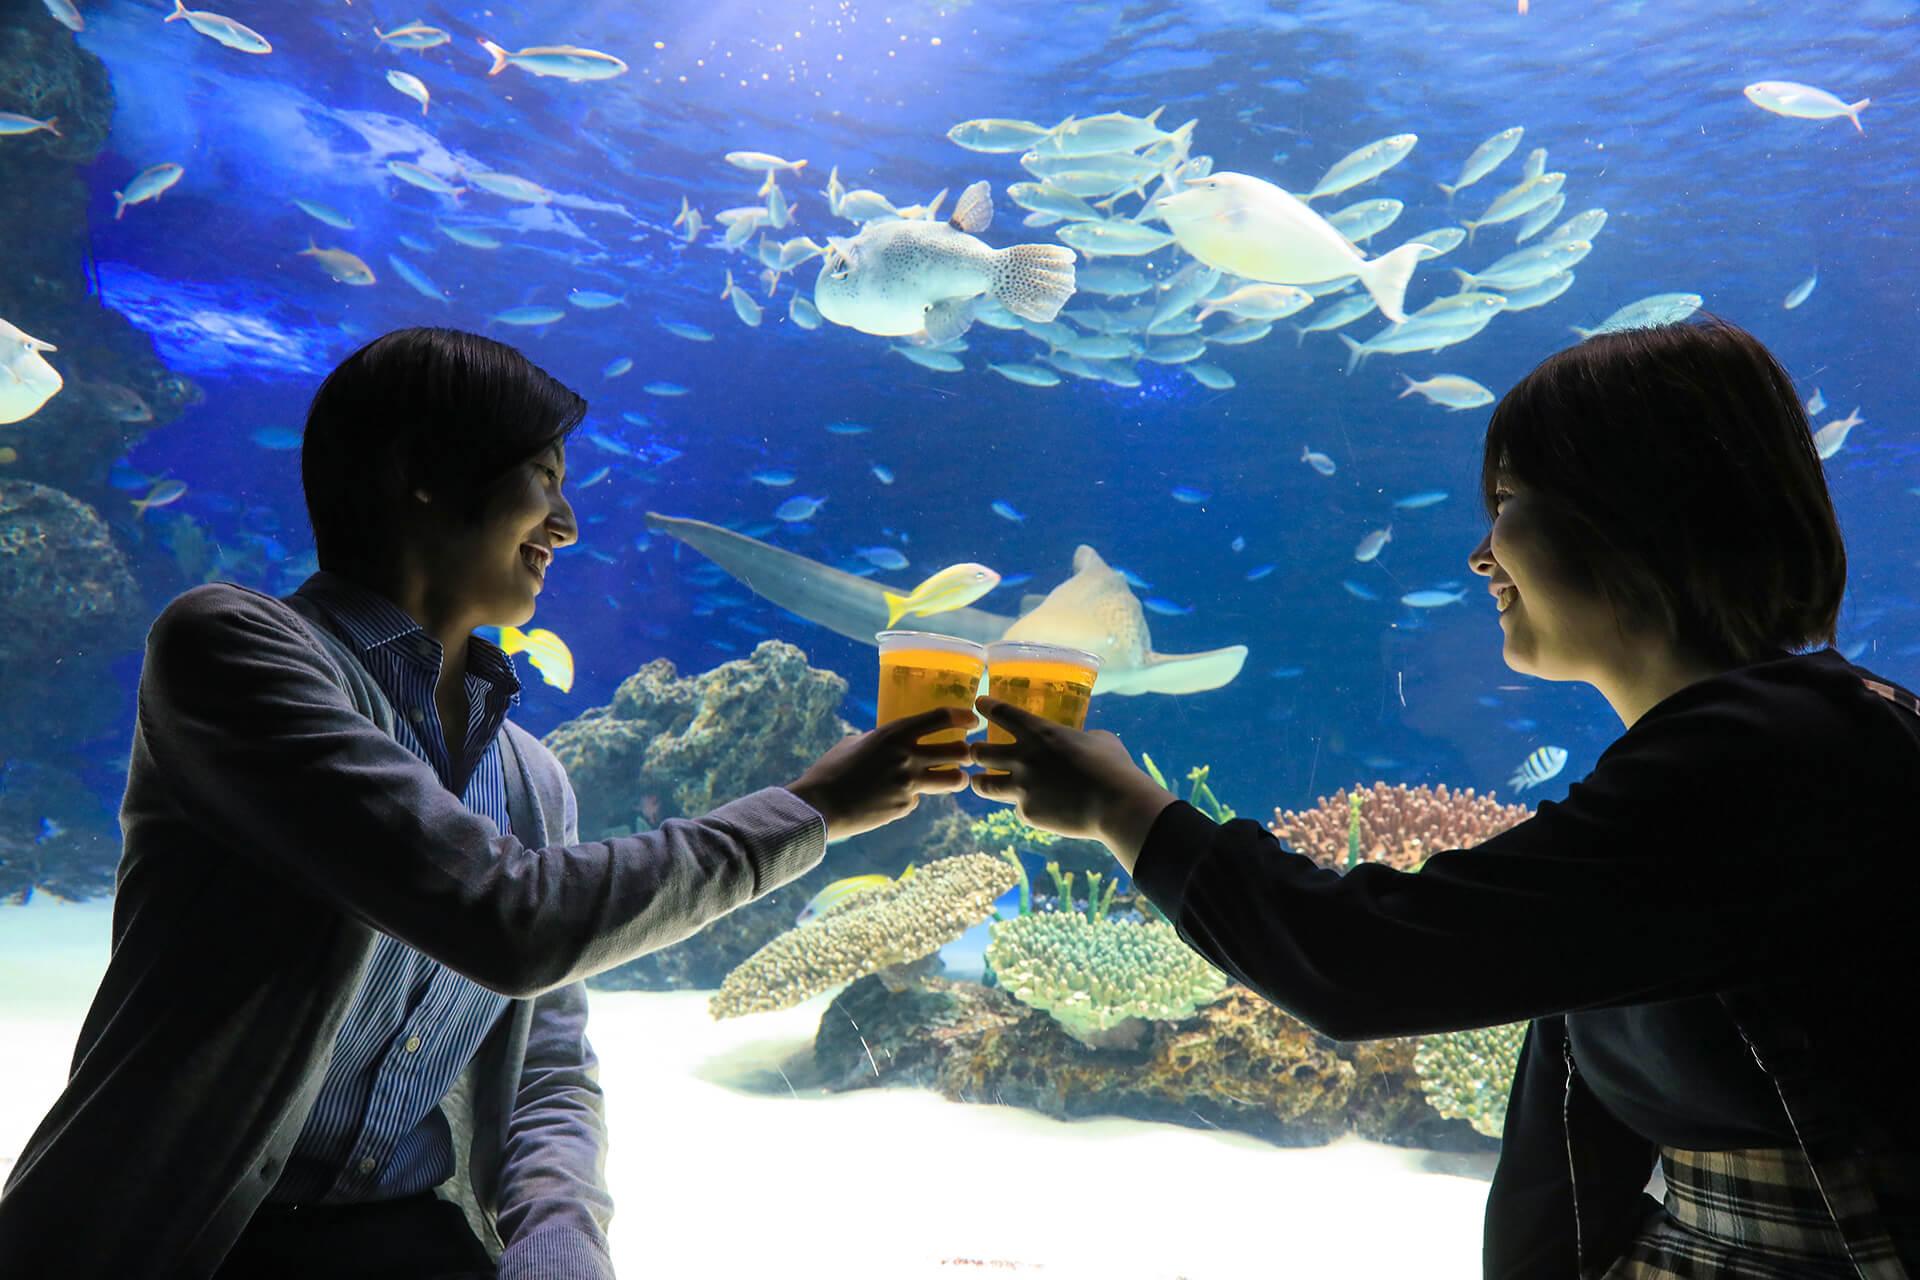 この写真はサンシャイン水族館 夏フェス2019の、Night Café & Bar の様子。ビール乾杯の様子